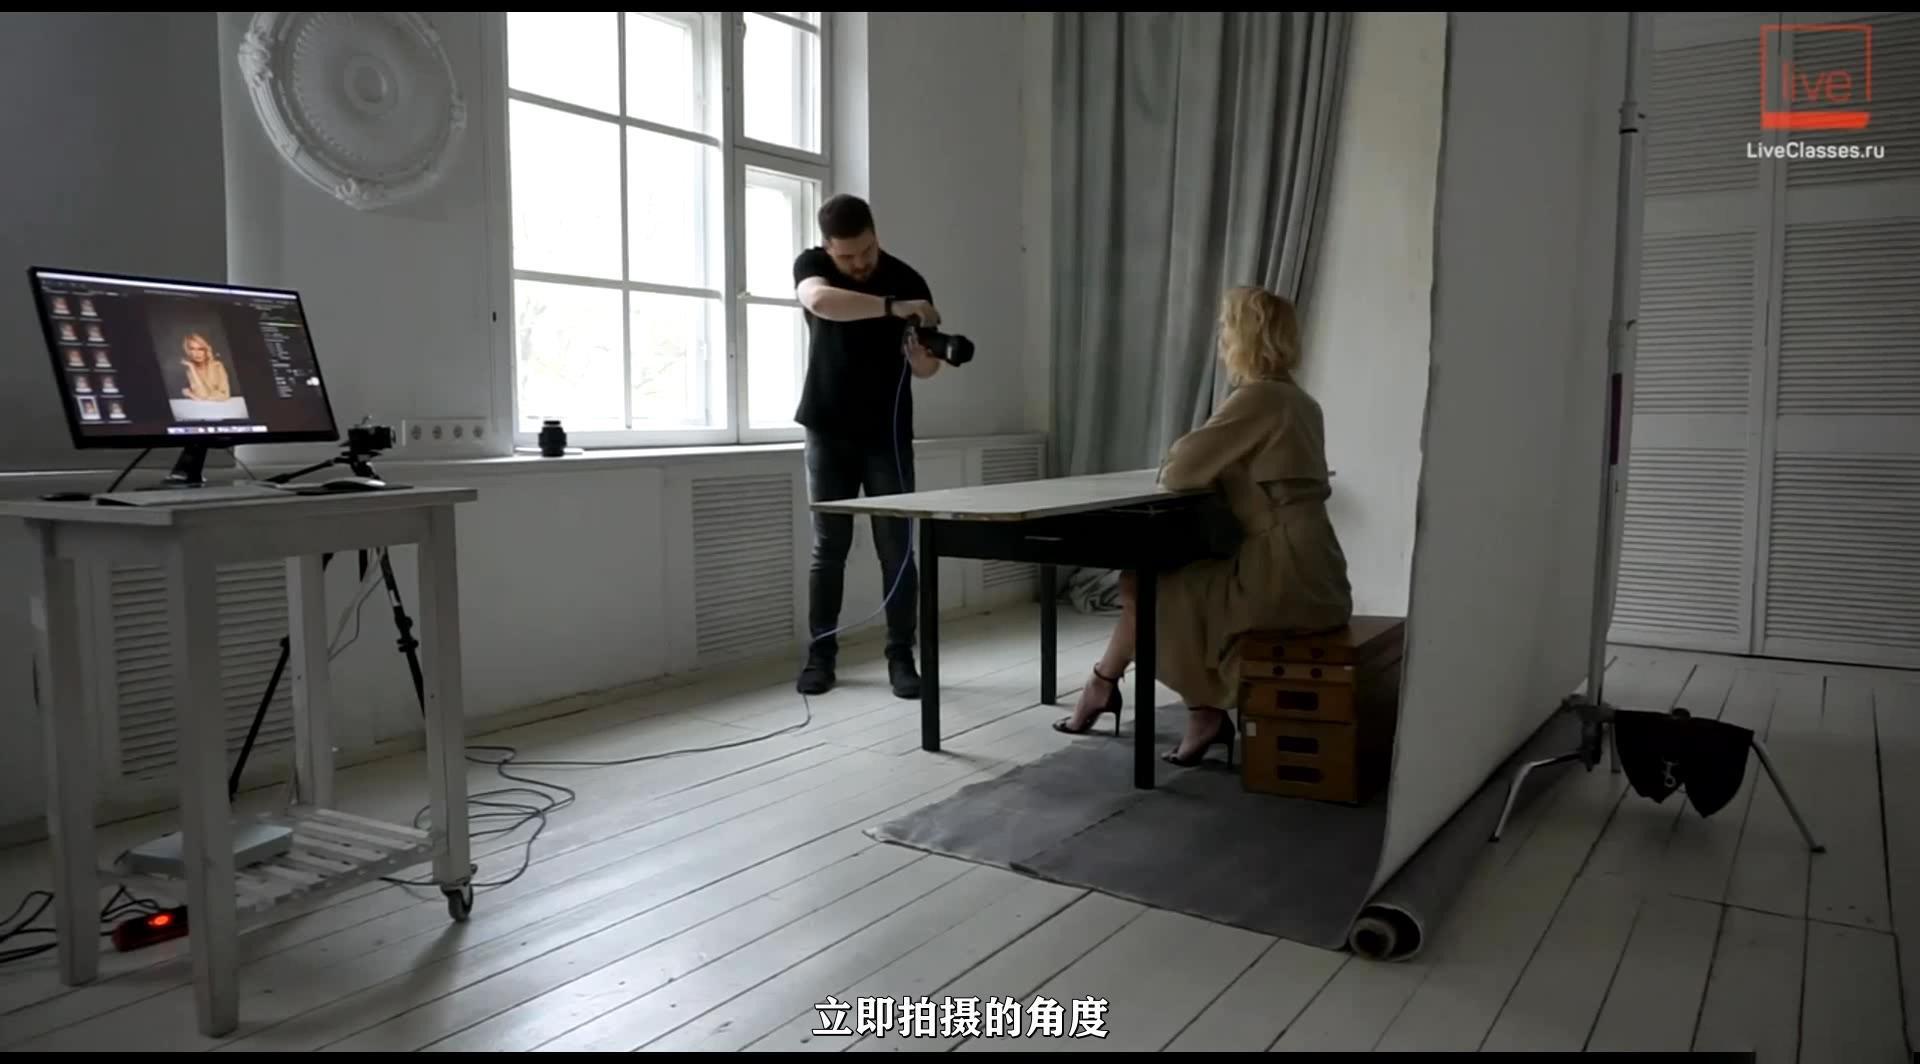 摄影教程_liveclasses -Alexander Talyuka 棚拍人像7种窗户光布光方案-中文字幕 摄影教程 _预览图8